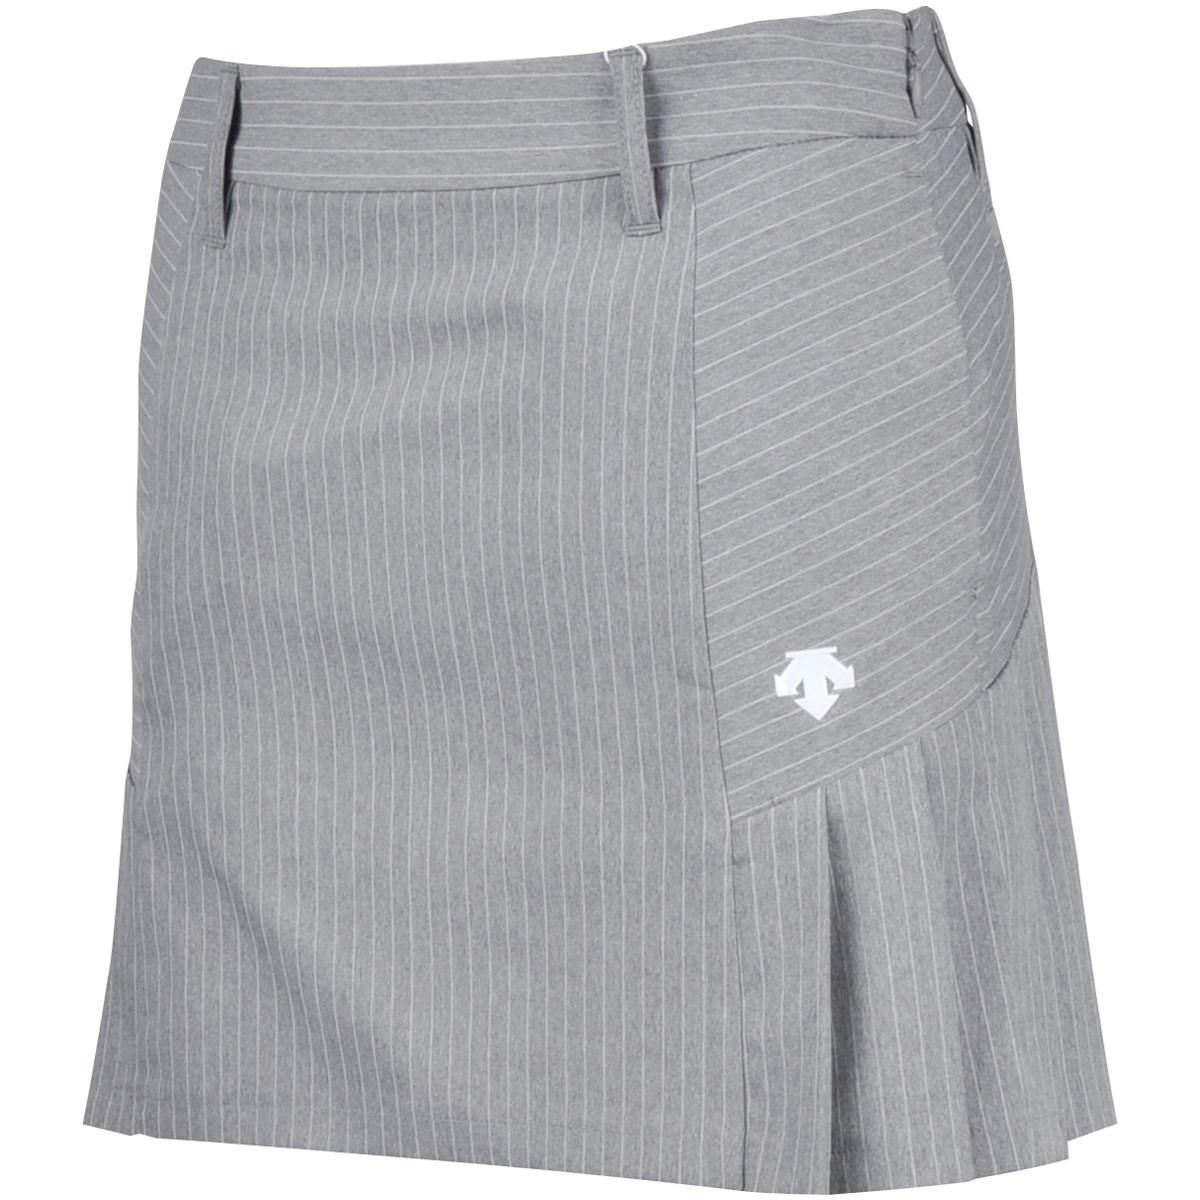 デサントゴルフ DESCENTE GOLF スカート 58 グレー 00 レディス